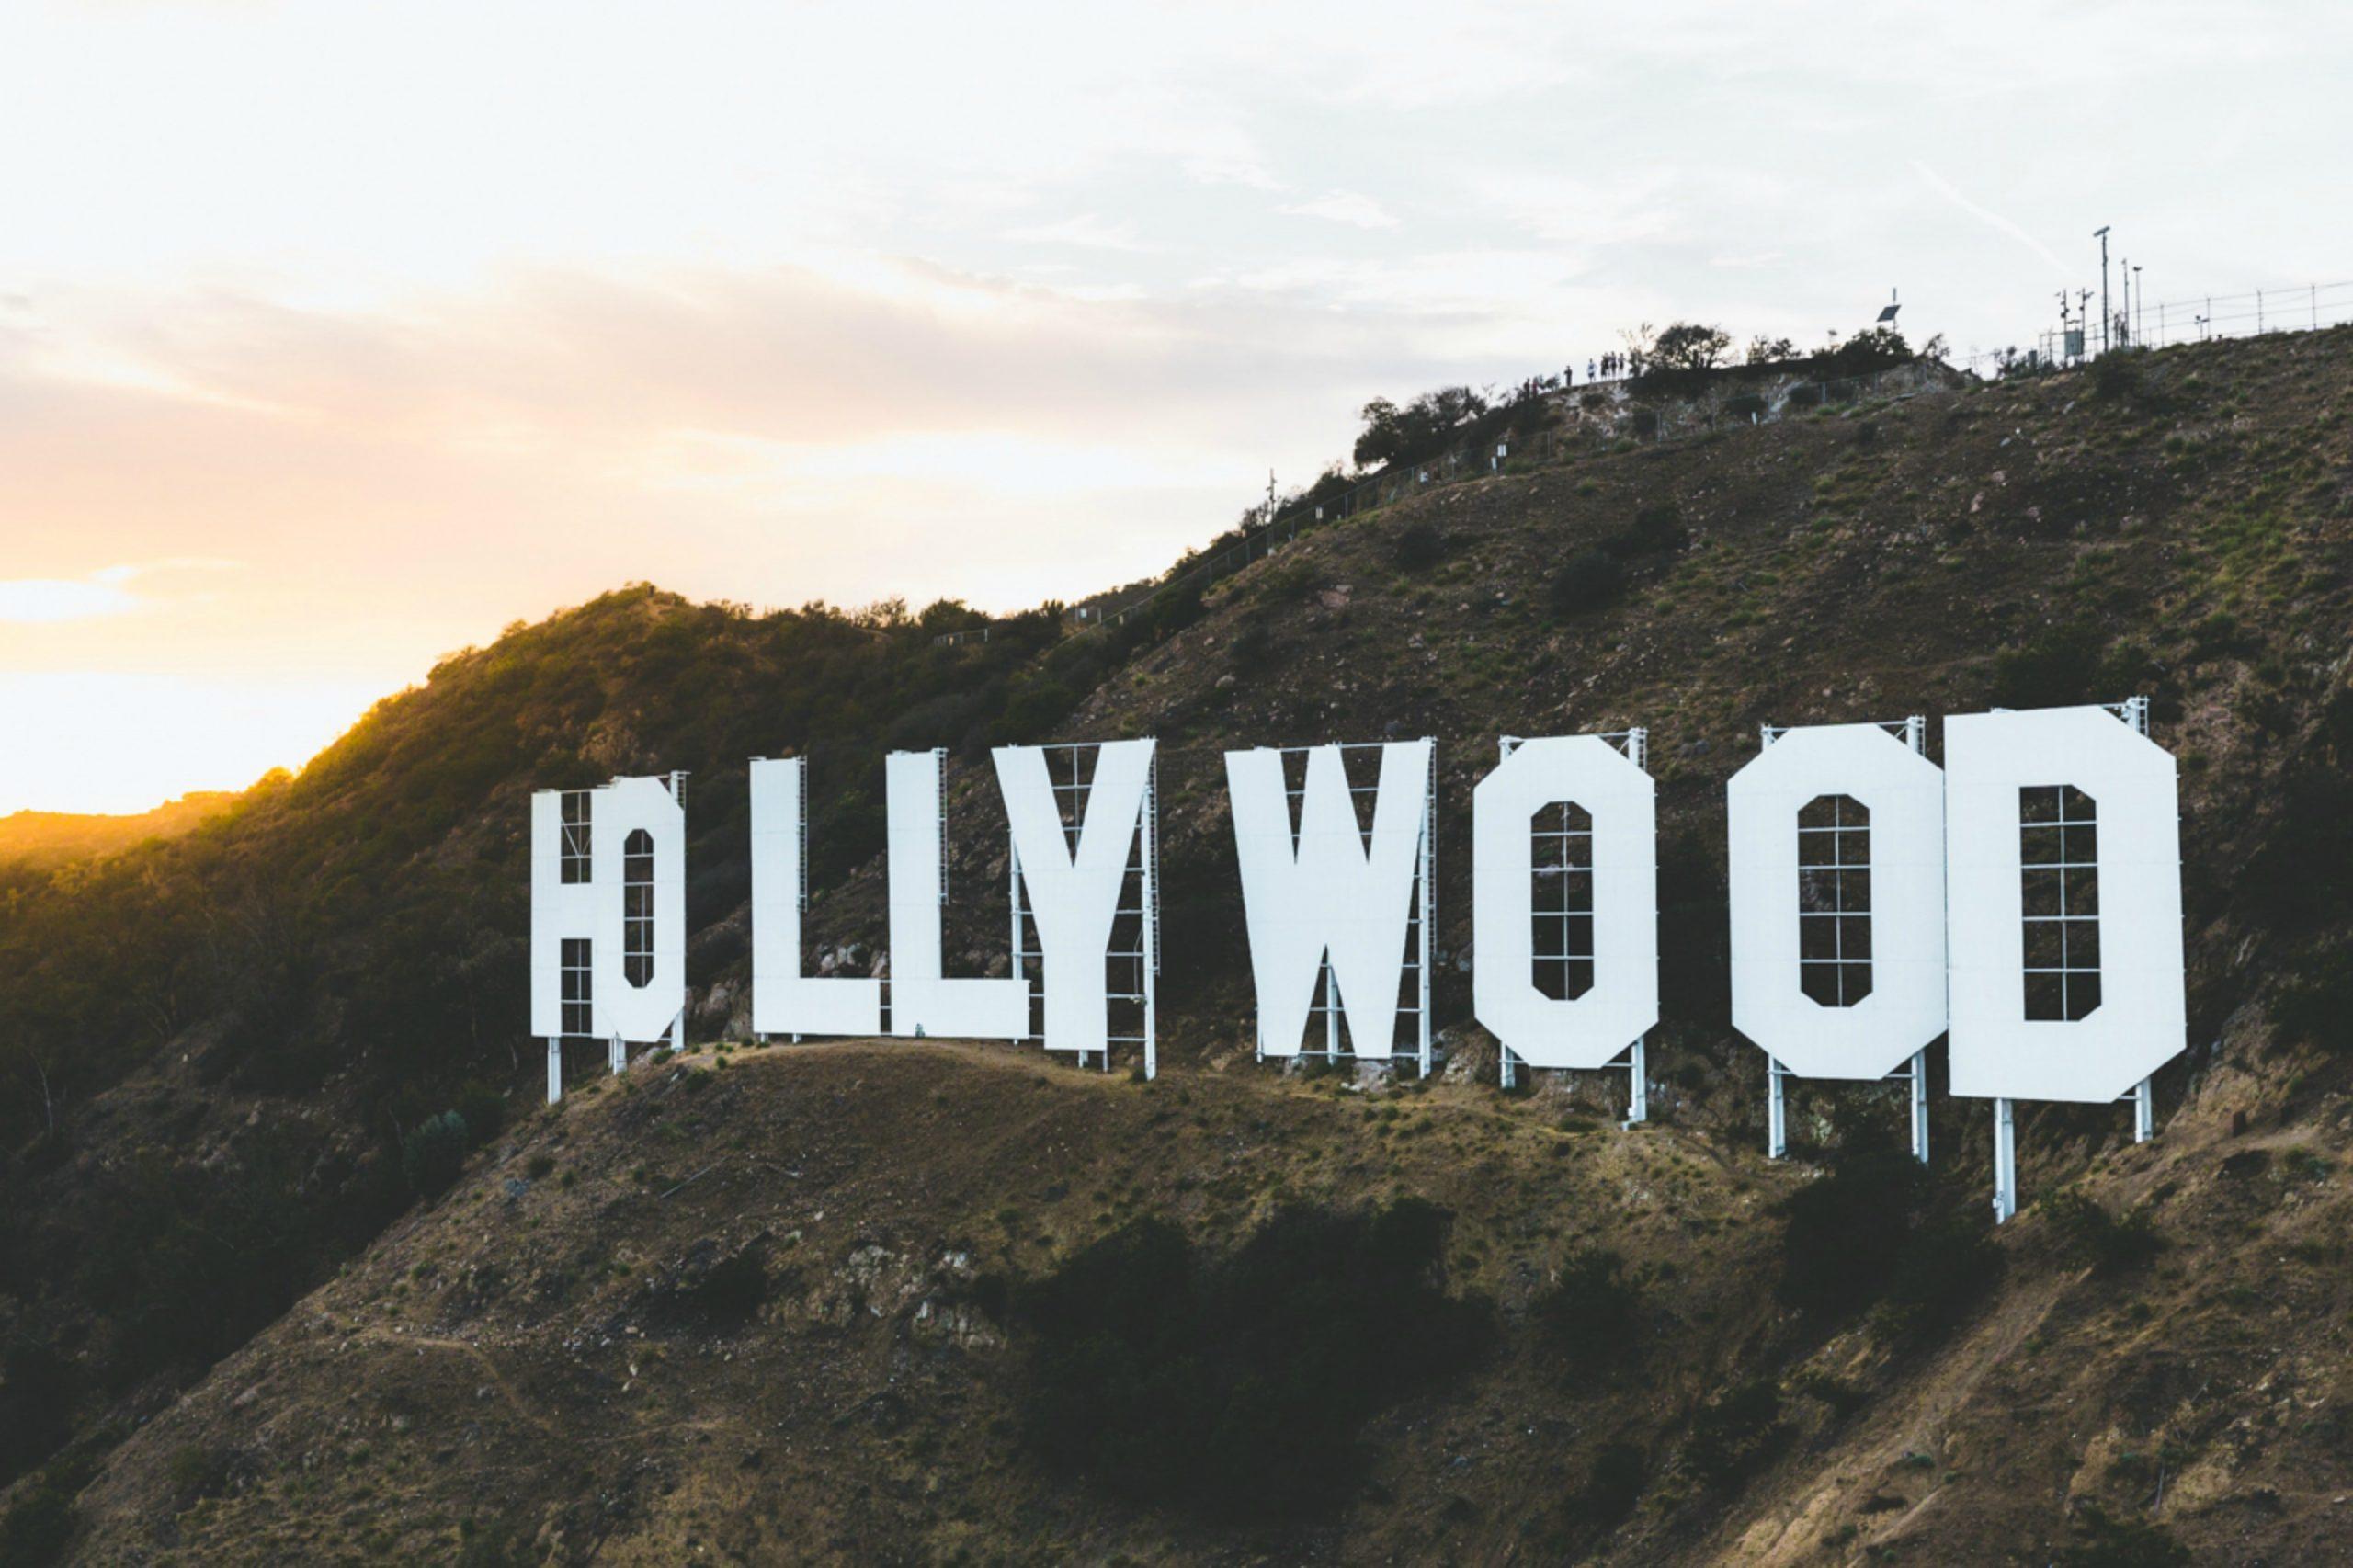 Netflix e Disney dominaram a indústria cinematográfica em 2019